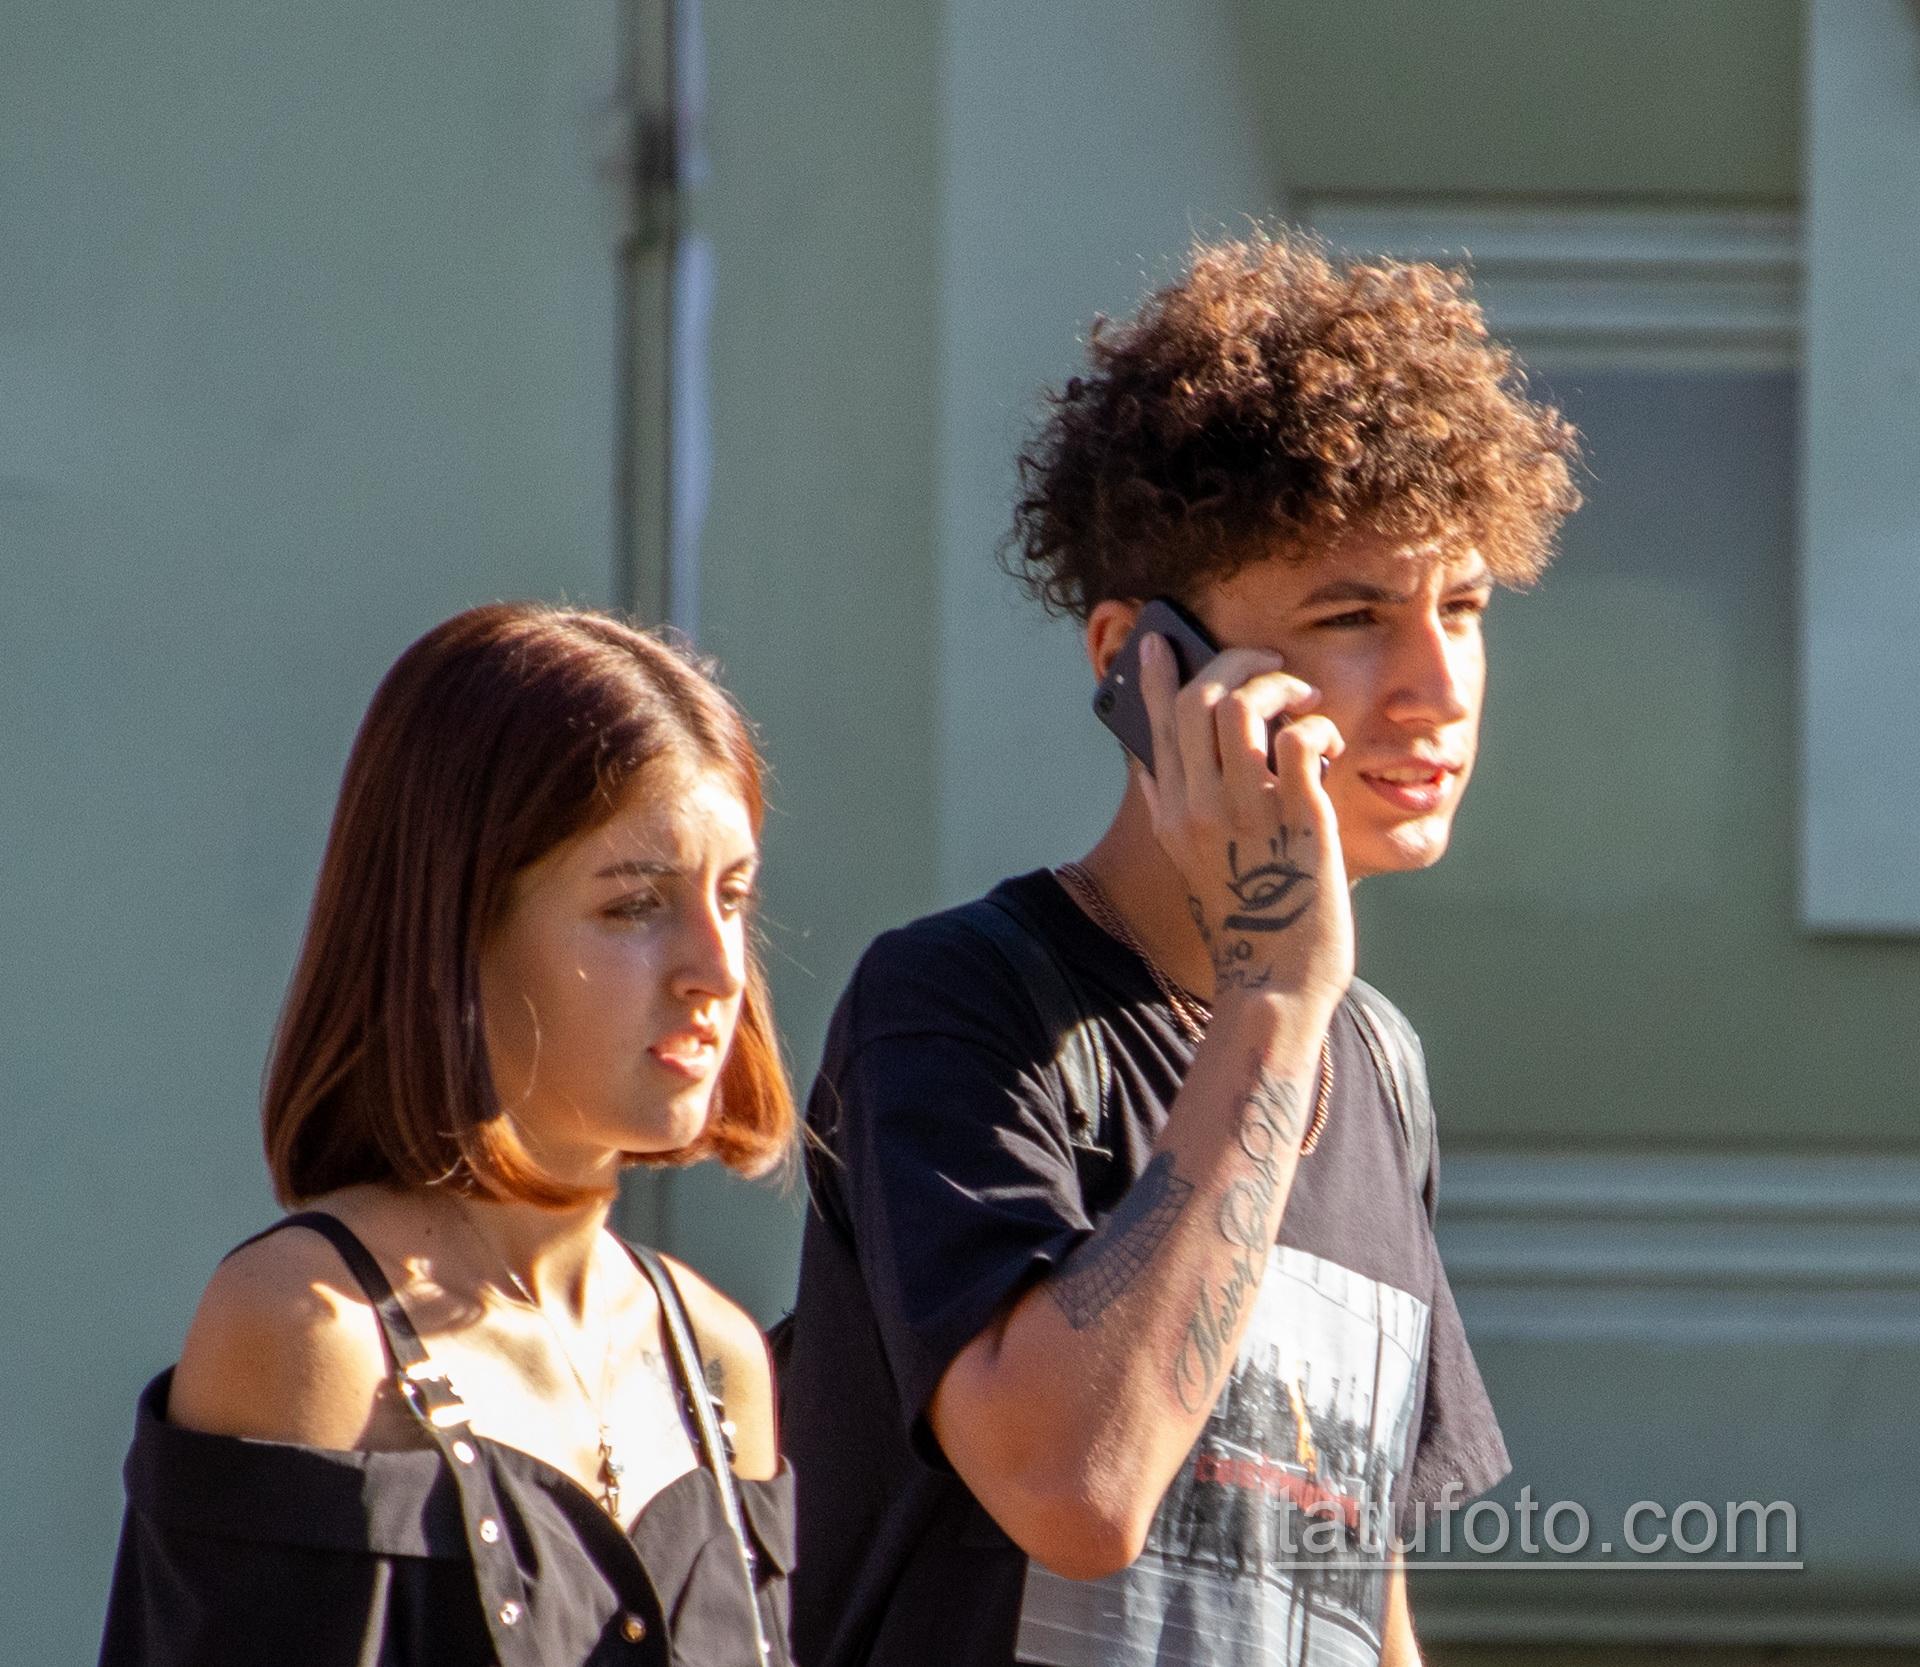 Тату глаз и надпись Newer Give Up на правой руке парня – Уличная татуировка 14.09.2020 – tatufoto.com 2